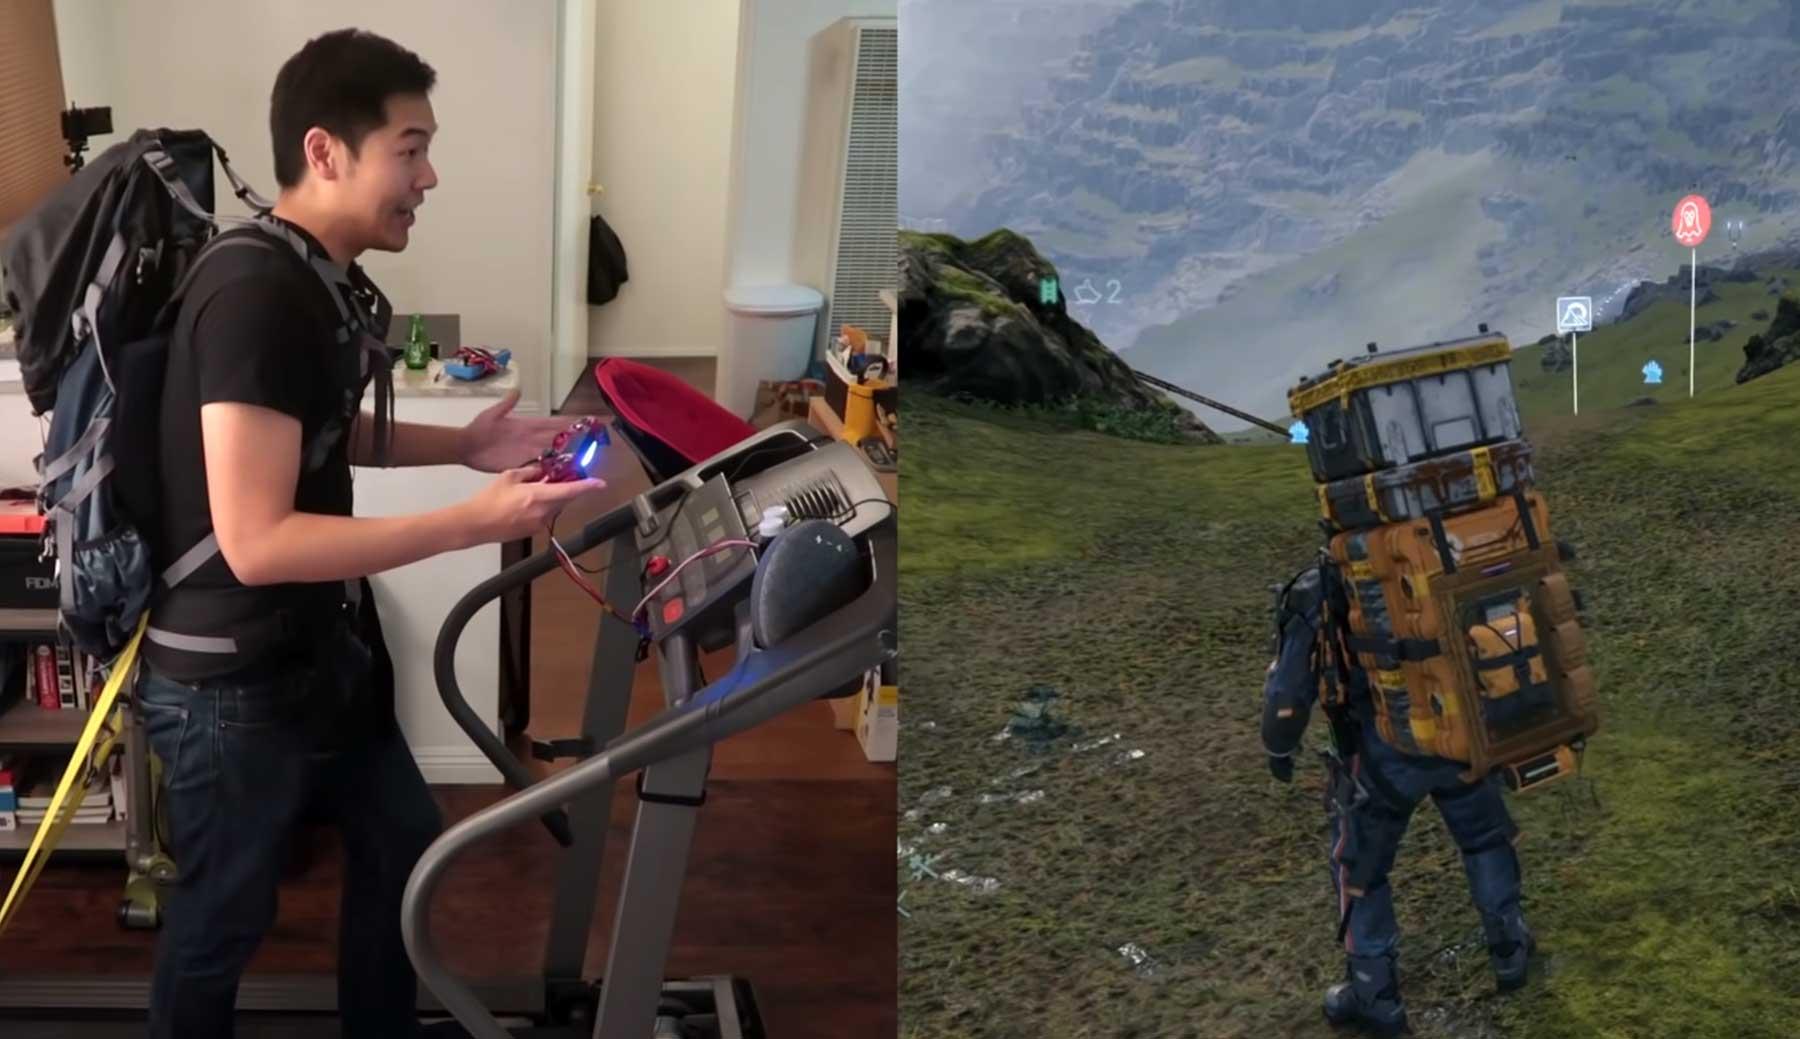 Laufband zum Videospiel-Controller umfunktioniert